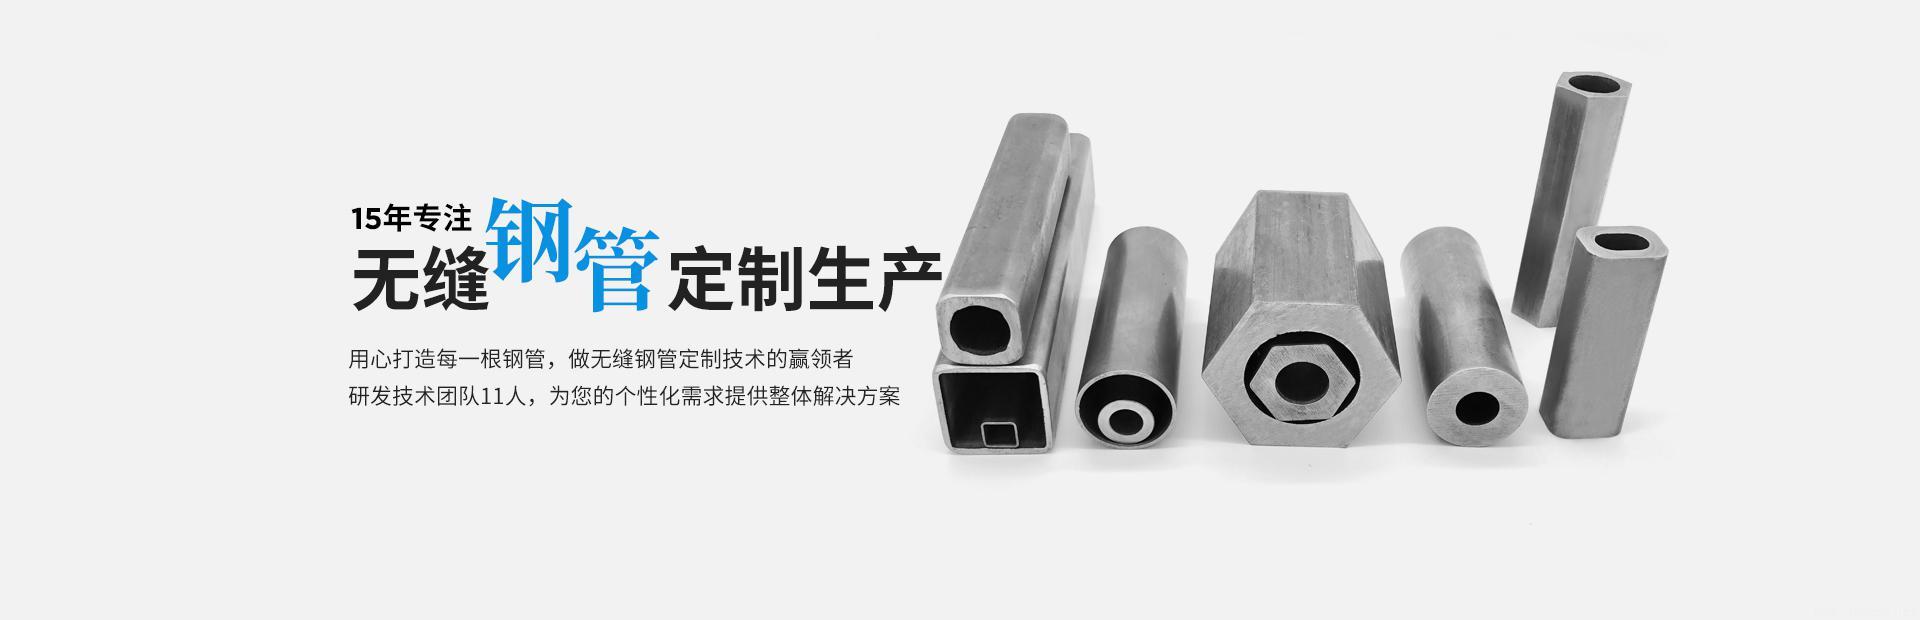 常州钢管企业_名录_江苏省常州市钢管厂名单_排名不分先后